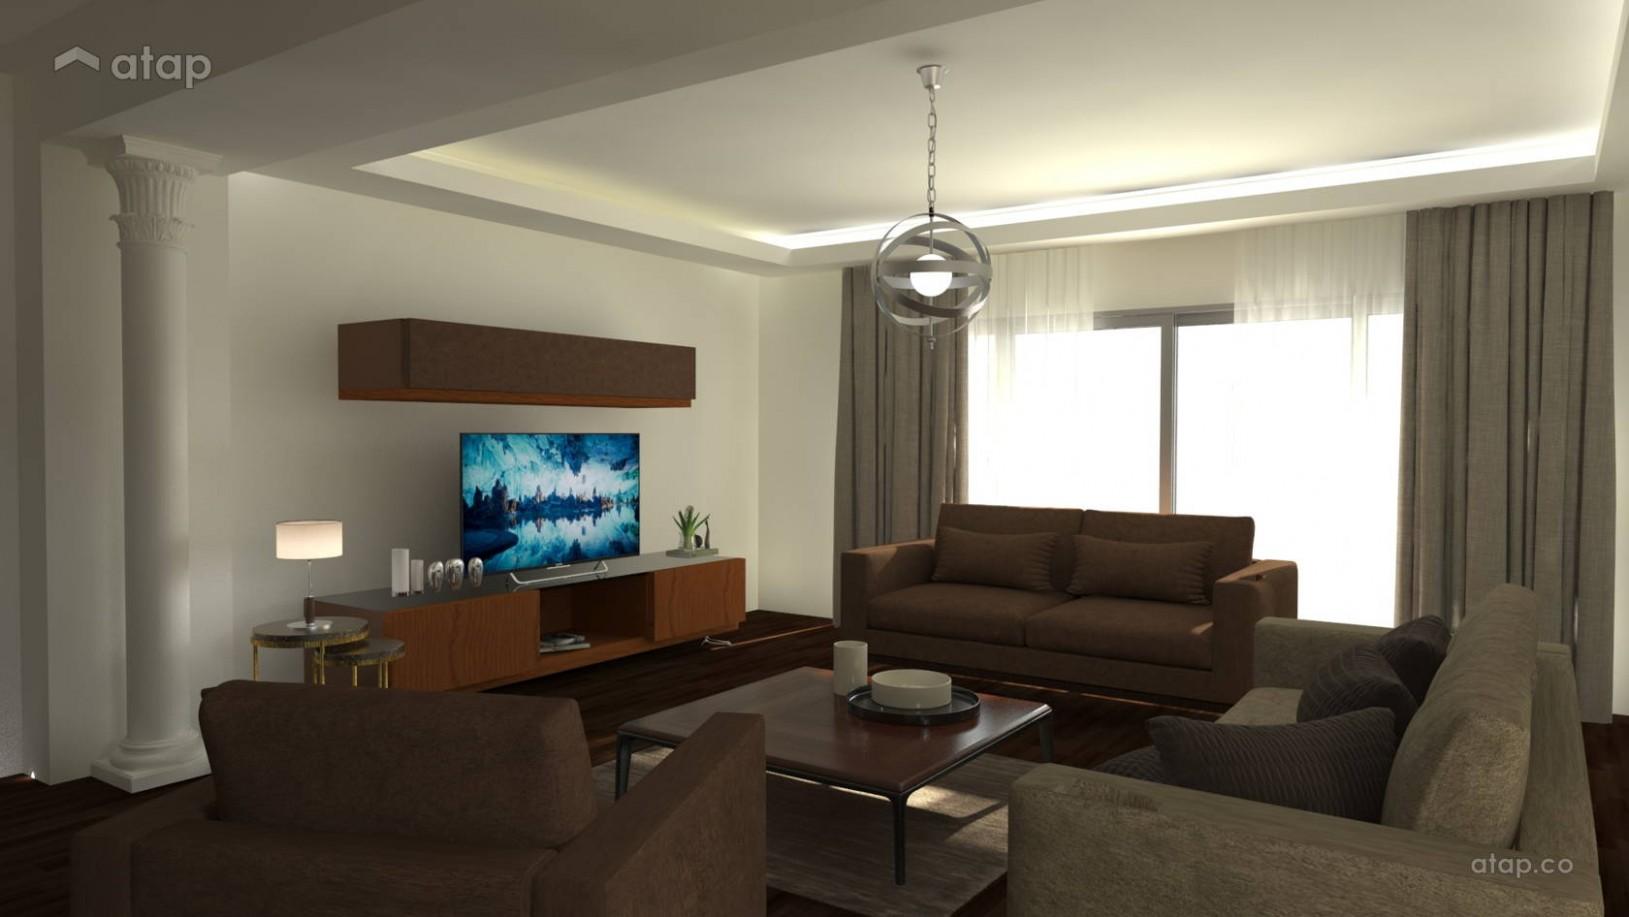 Apartment Design - in Nairobi, Kenya interior design renovation  - Apartment Design Kenya